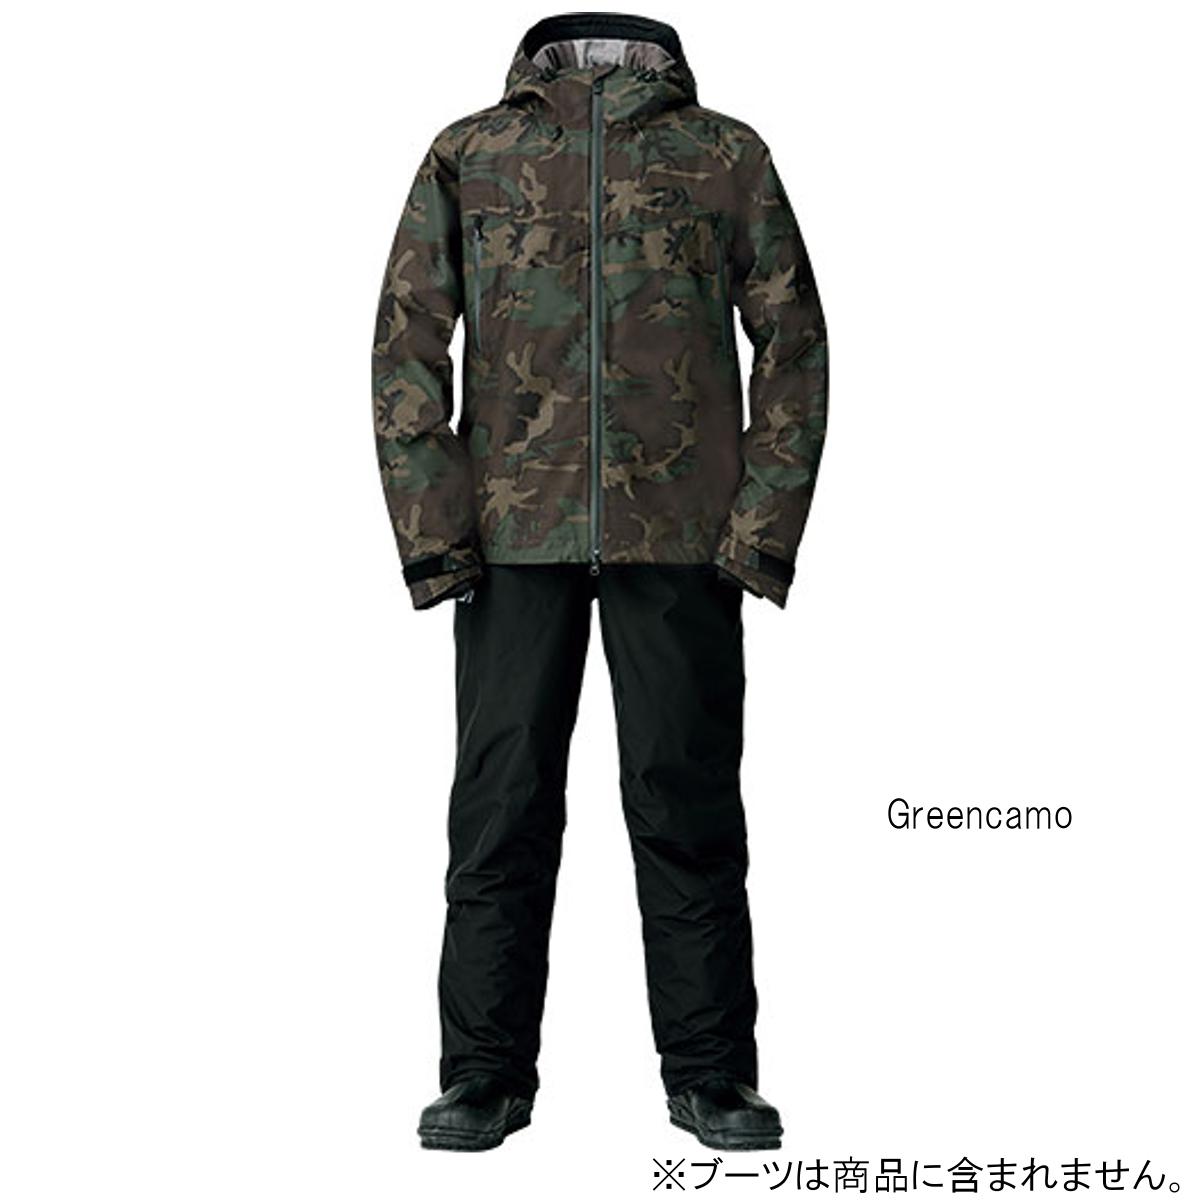 ダイワ ゴアテックス ファブリクス ウィンタースーツ DW-1908 2XL Greencamo(東日本店)